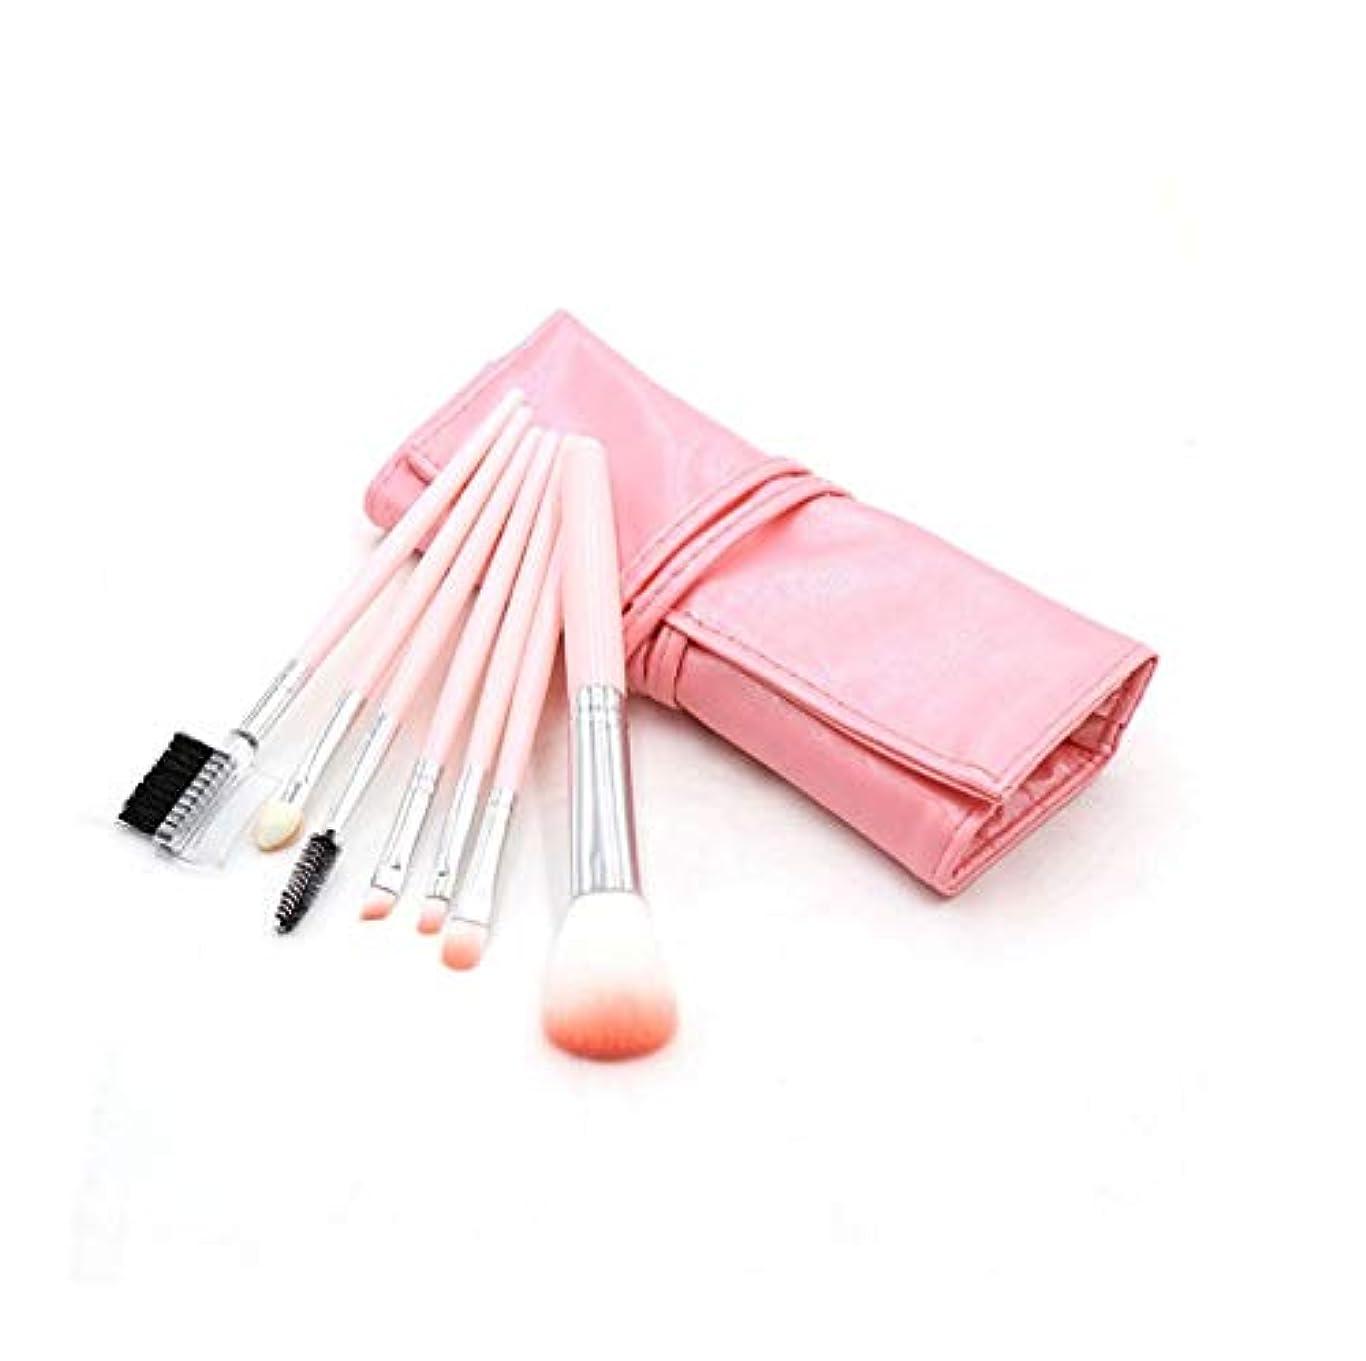 フィードバック経験生産性化粧ブラシセット、ピンク7化粧ブラシ化粧ブラシセットアイシャドウブラシリップブラシ美容化粧道具